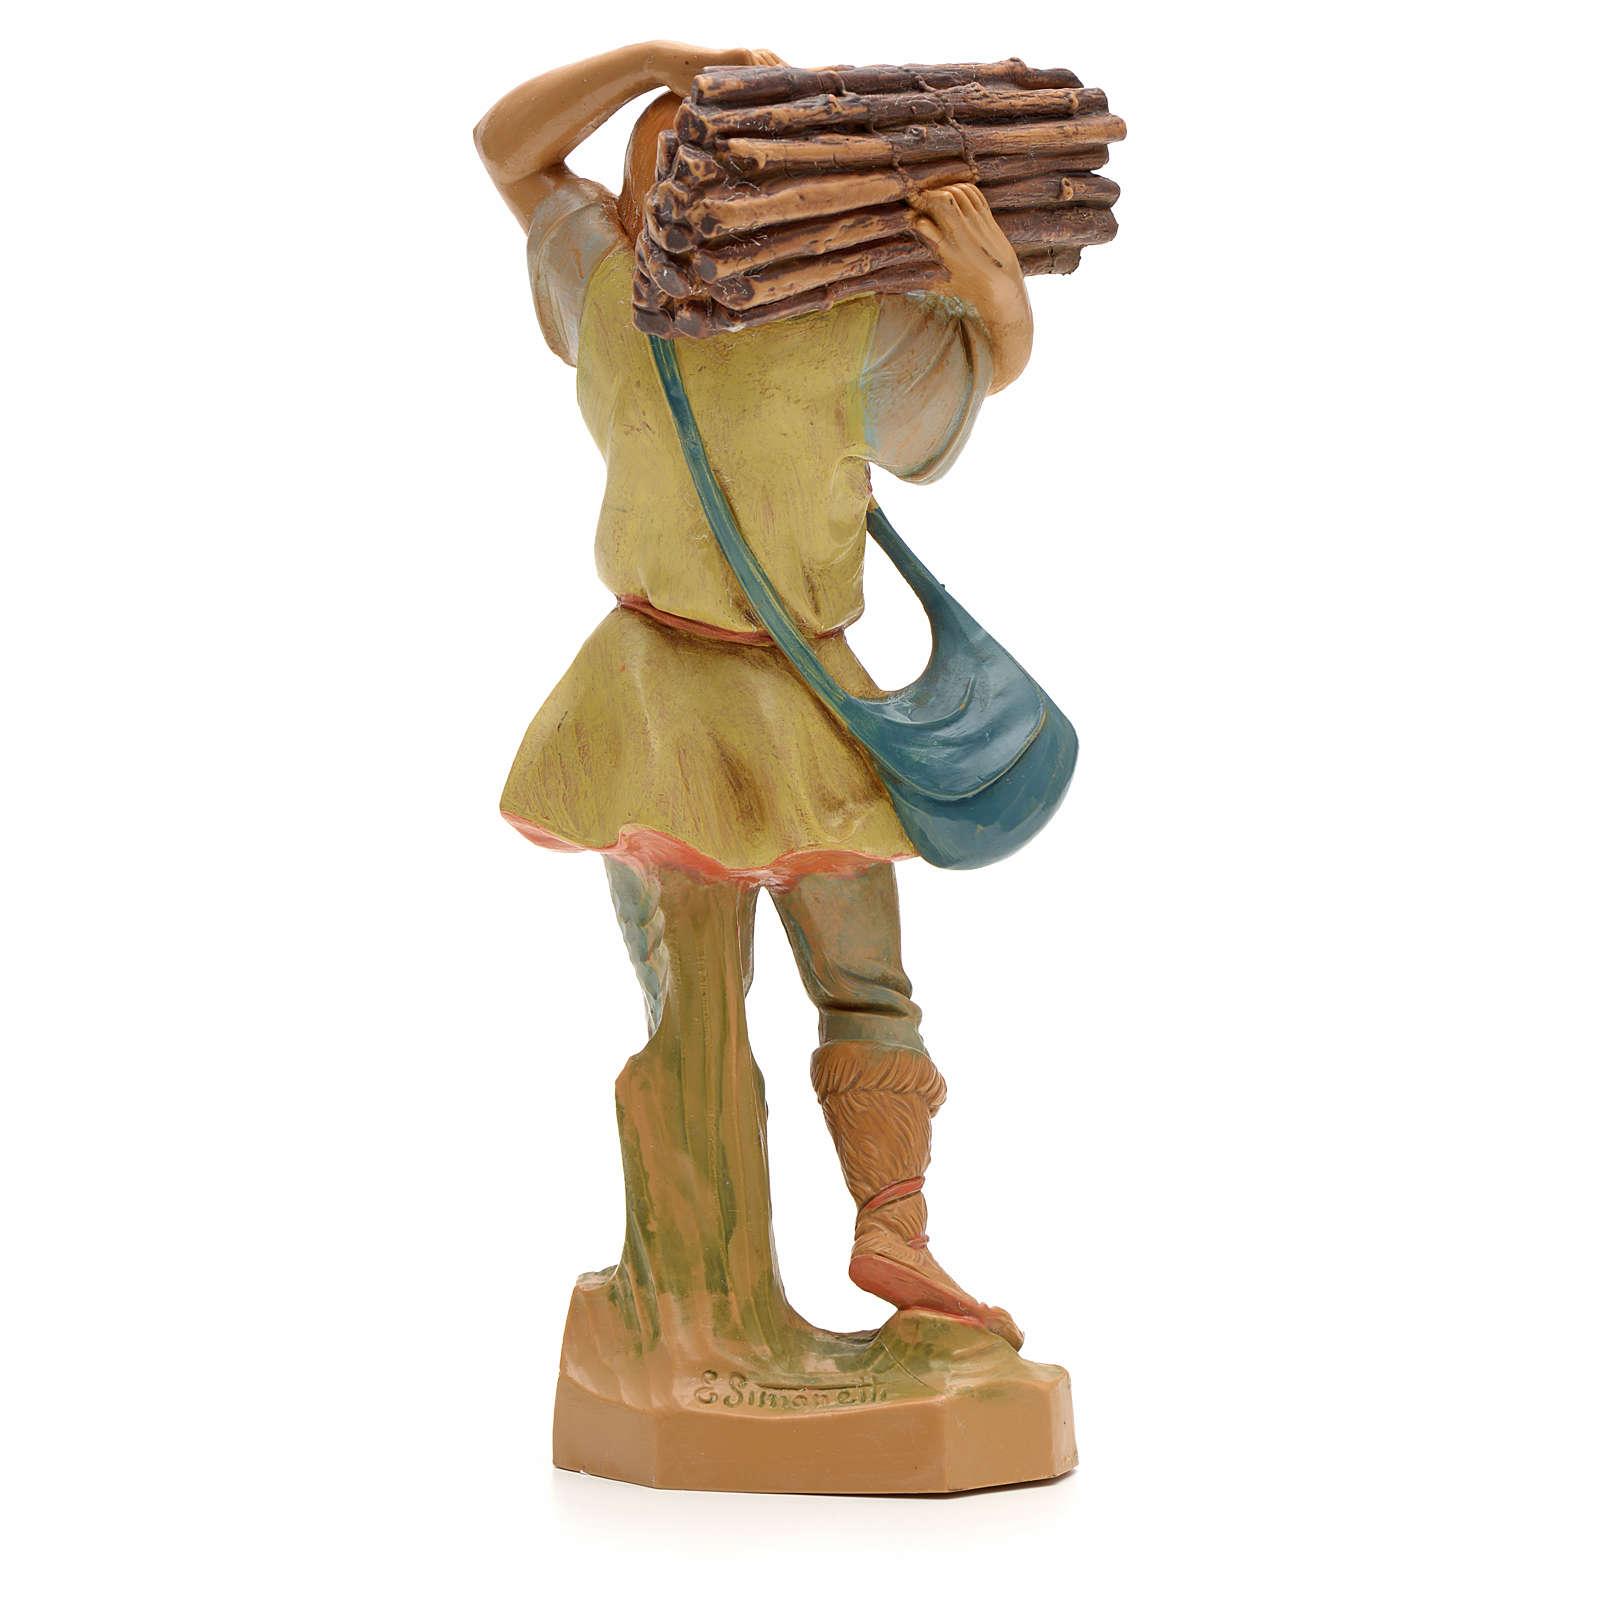 Pastore con legna 19 cm Fontanini 3